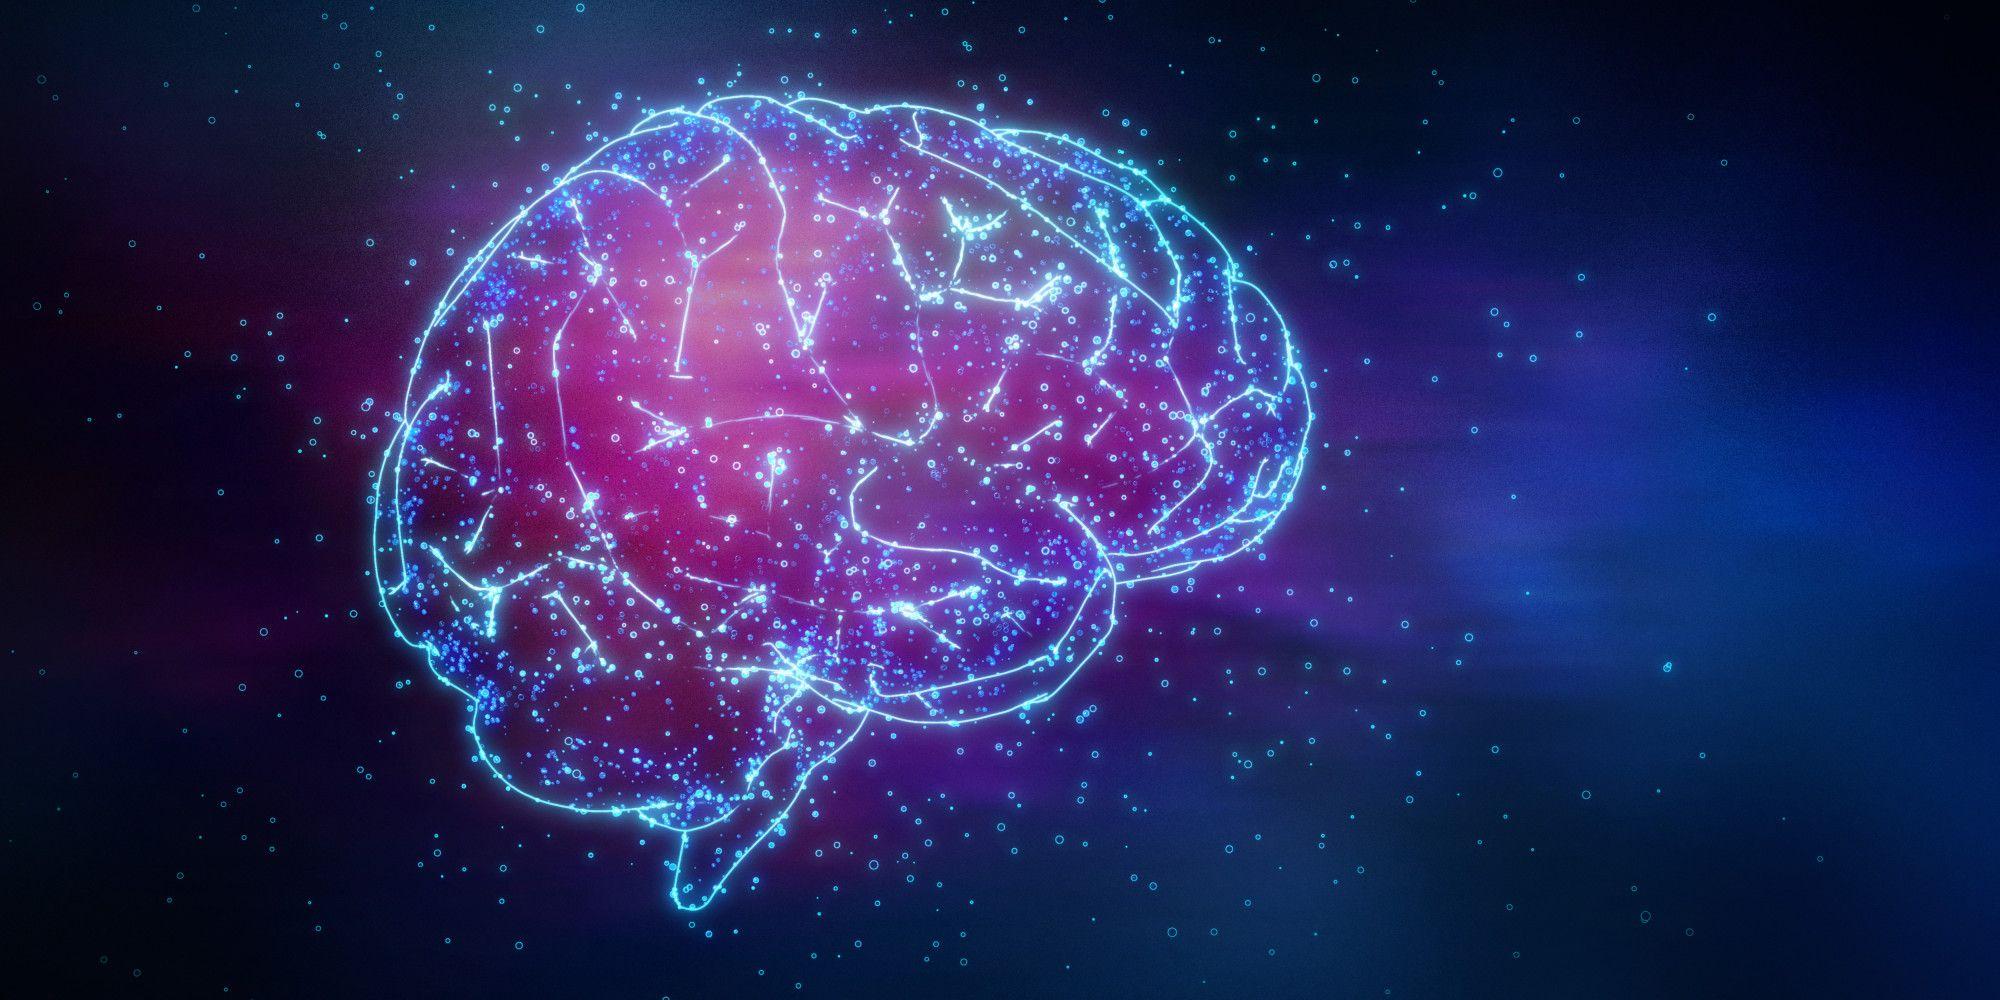 فناوری کنترل فیلم توسط ذهن